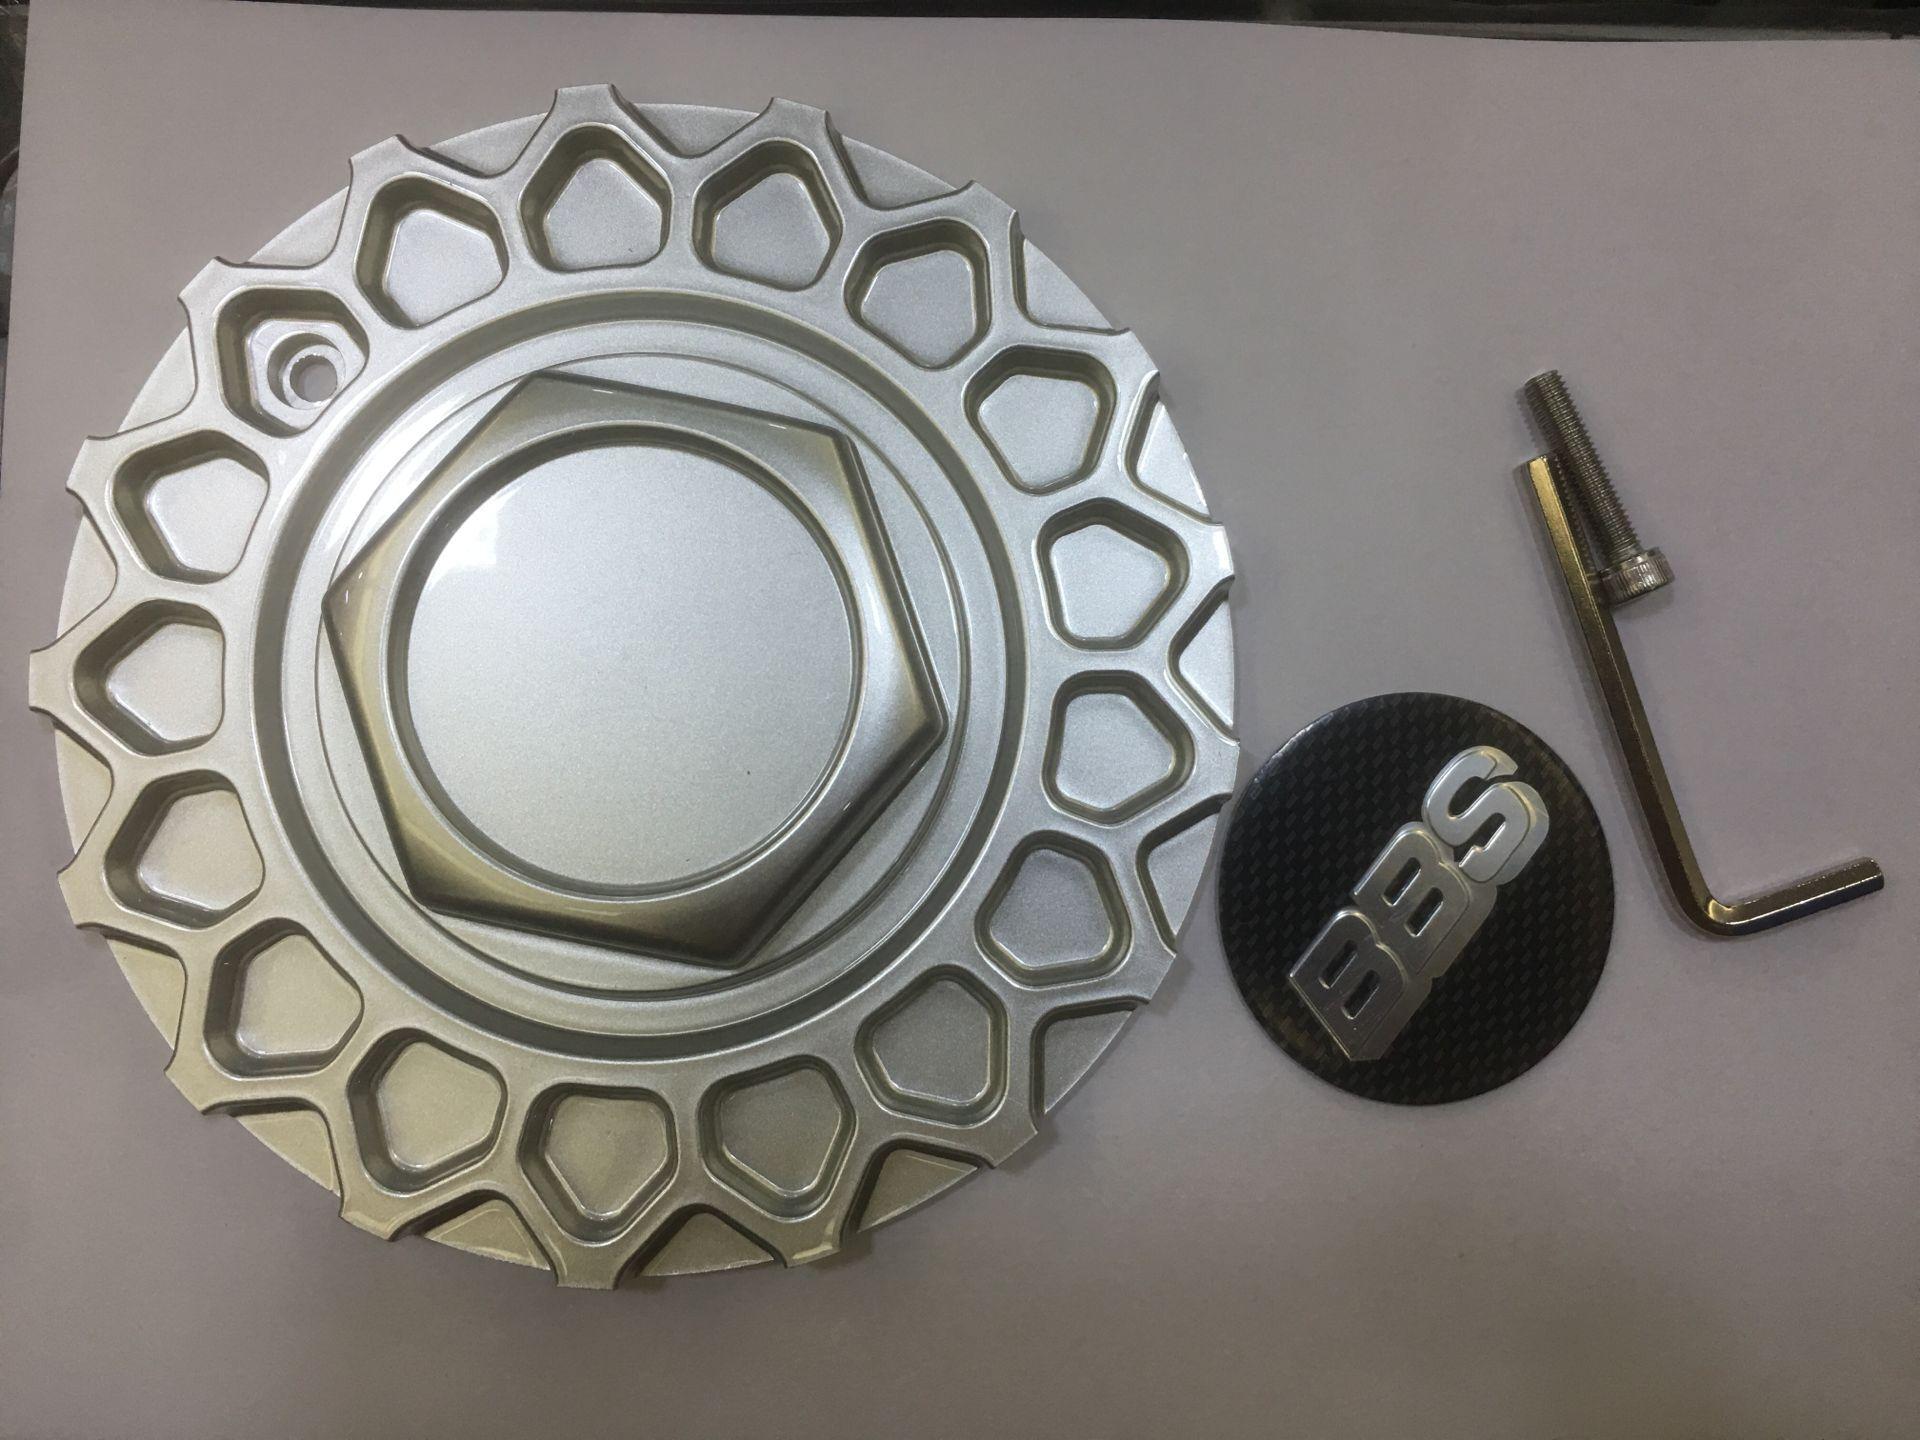 Bbs Cappuccio per ruota della ruota da 17 cm per cerniera per bbs